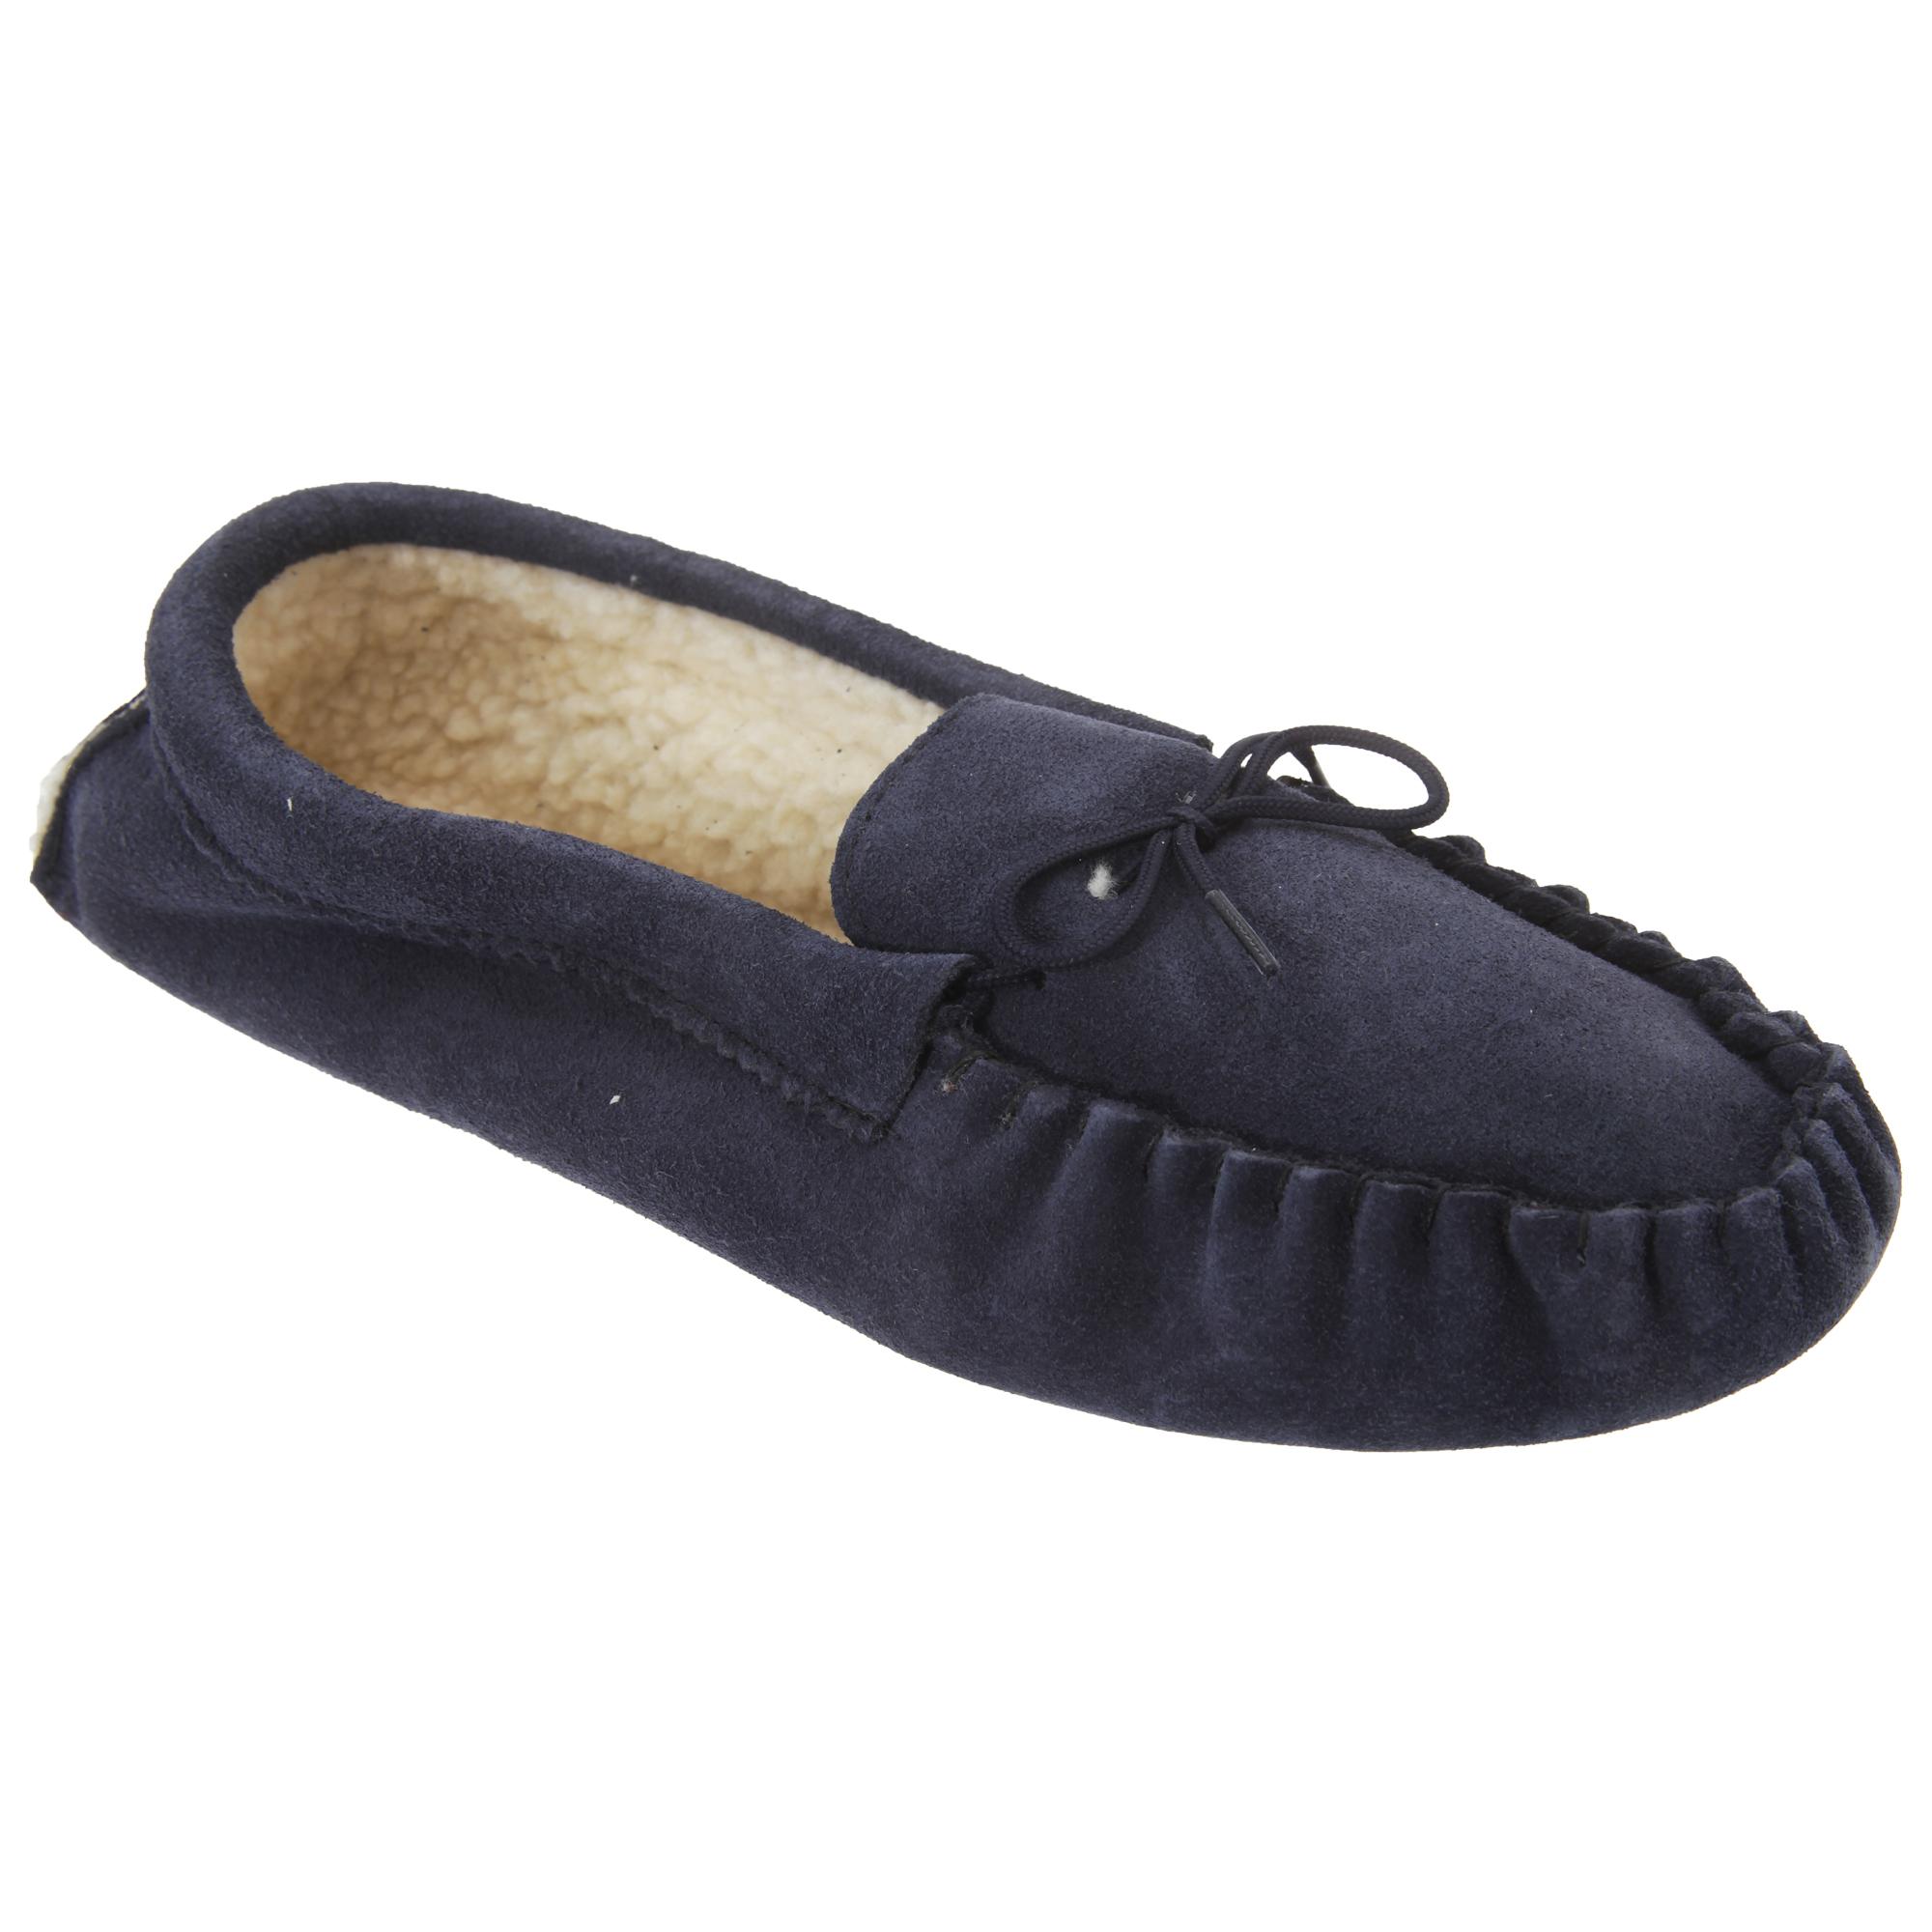 Mokkers-Zapatillas-de-estar-por-casa-de-autentico-ante-Modelo-Jake-DF811